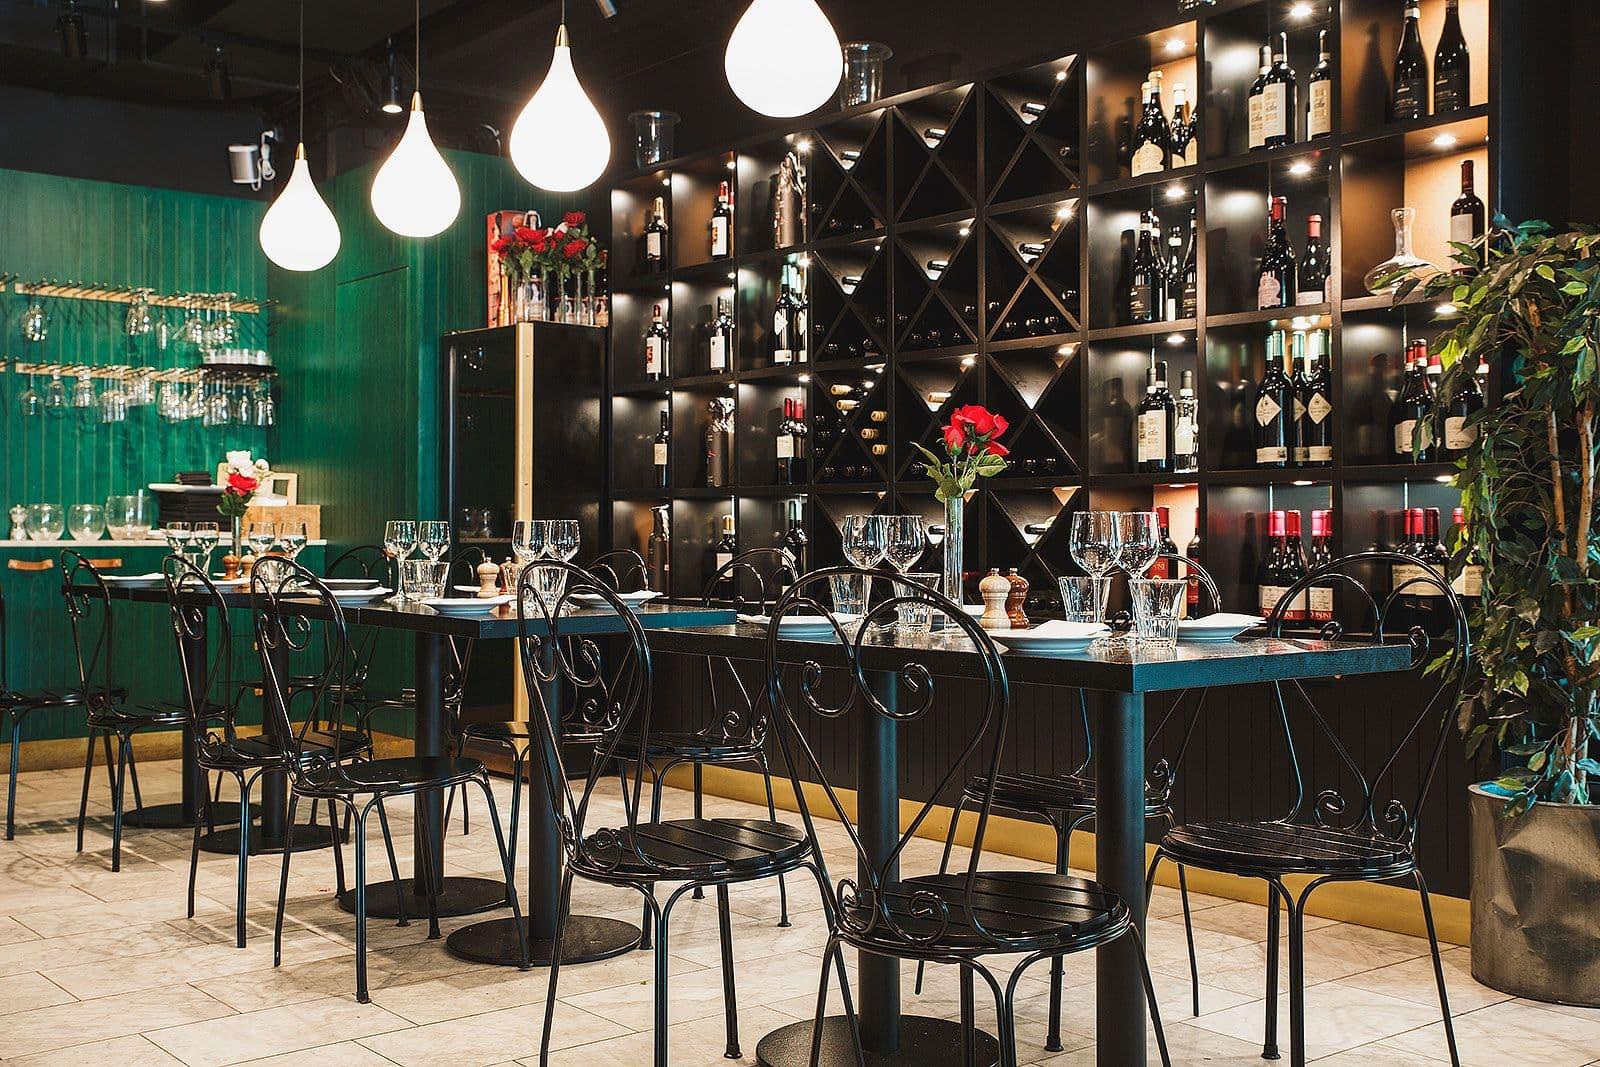 italiensk restaurang uppsala